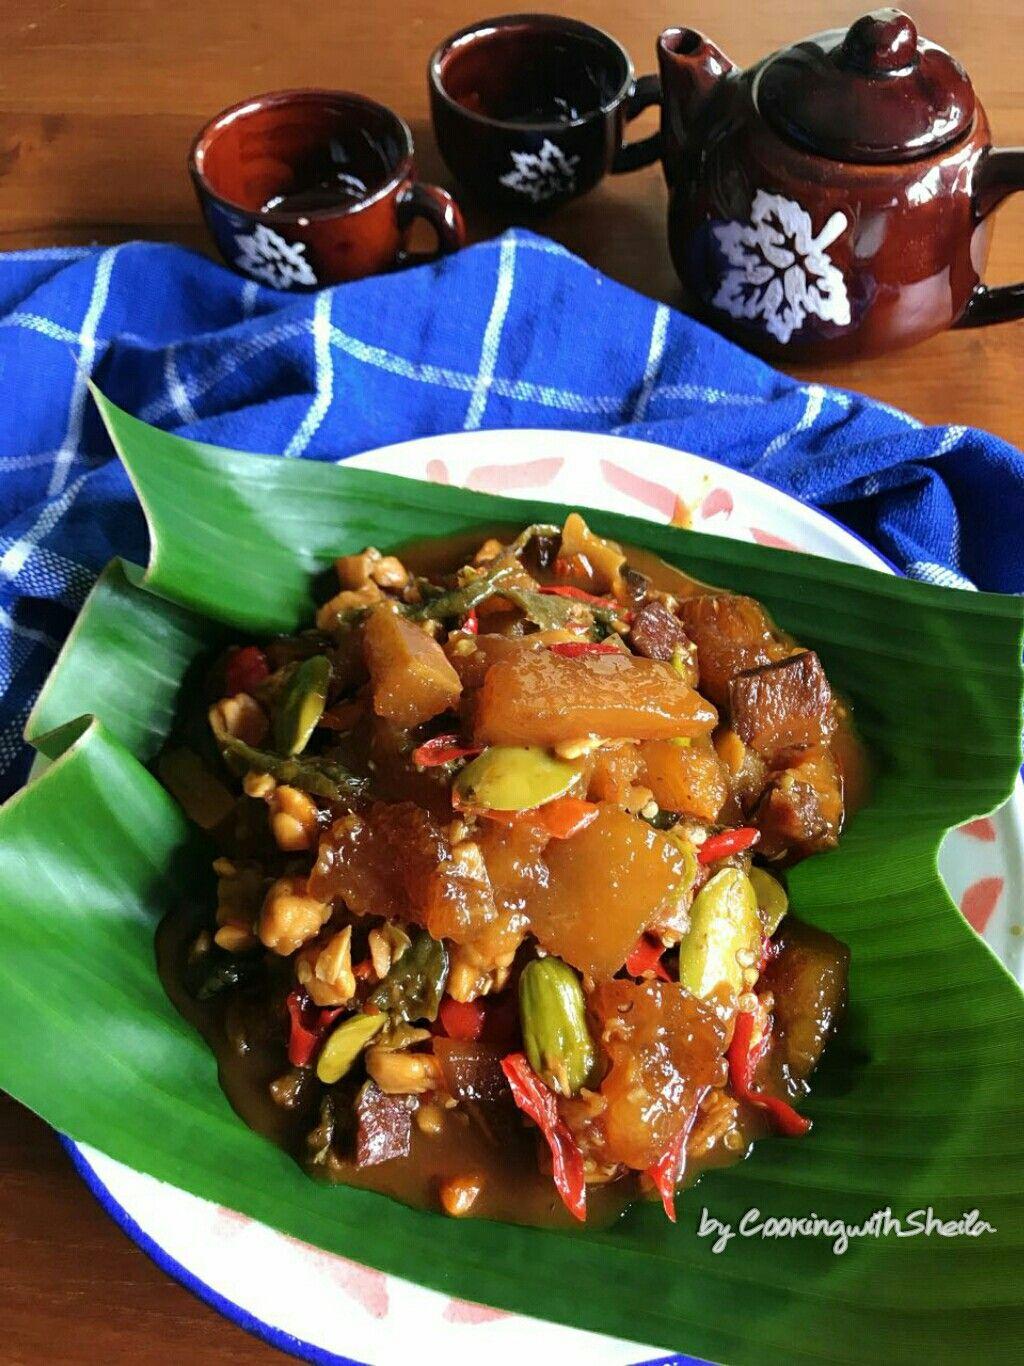 Salah Satu Tujuan Wisata Kuliner Ke Yogyakarta Saat Ini Tidak Hanya Gudeg Loh Tetapi Menu Oseng Mercon Jug Resep Masakan Resep Masakan Indonesia Resep Makanan